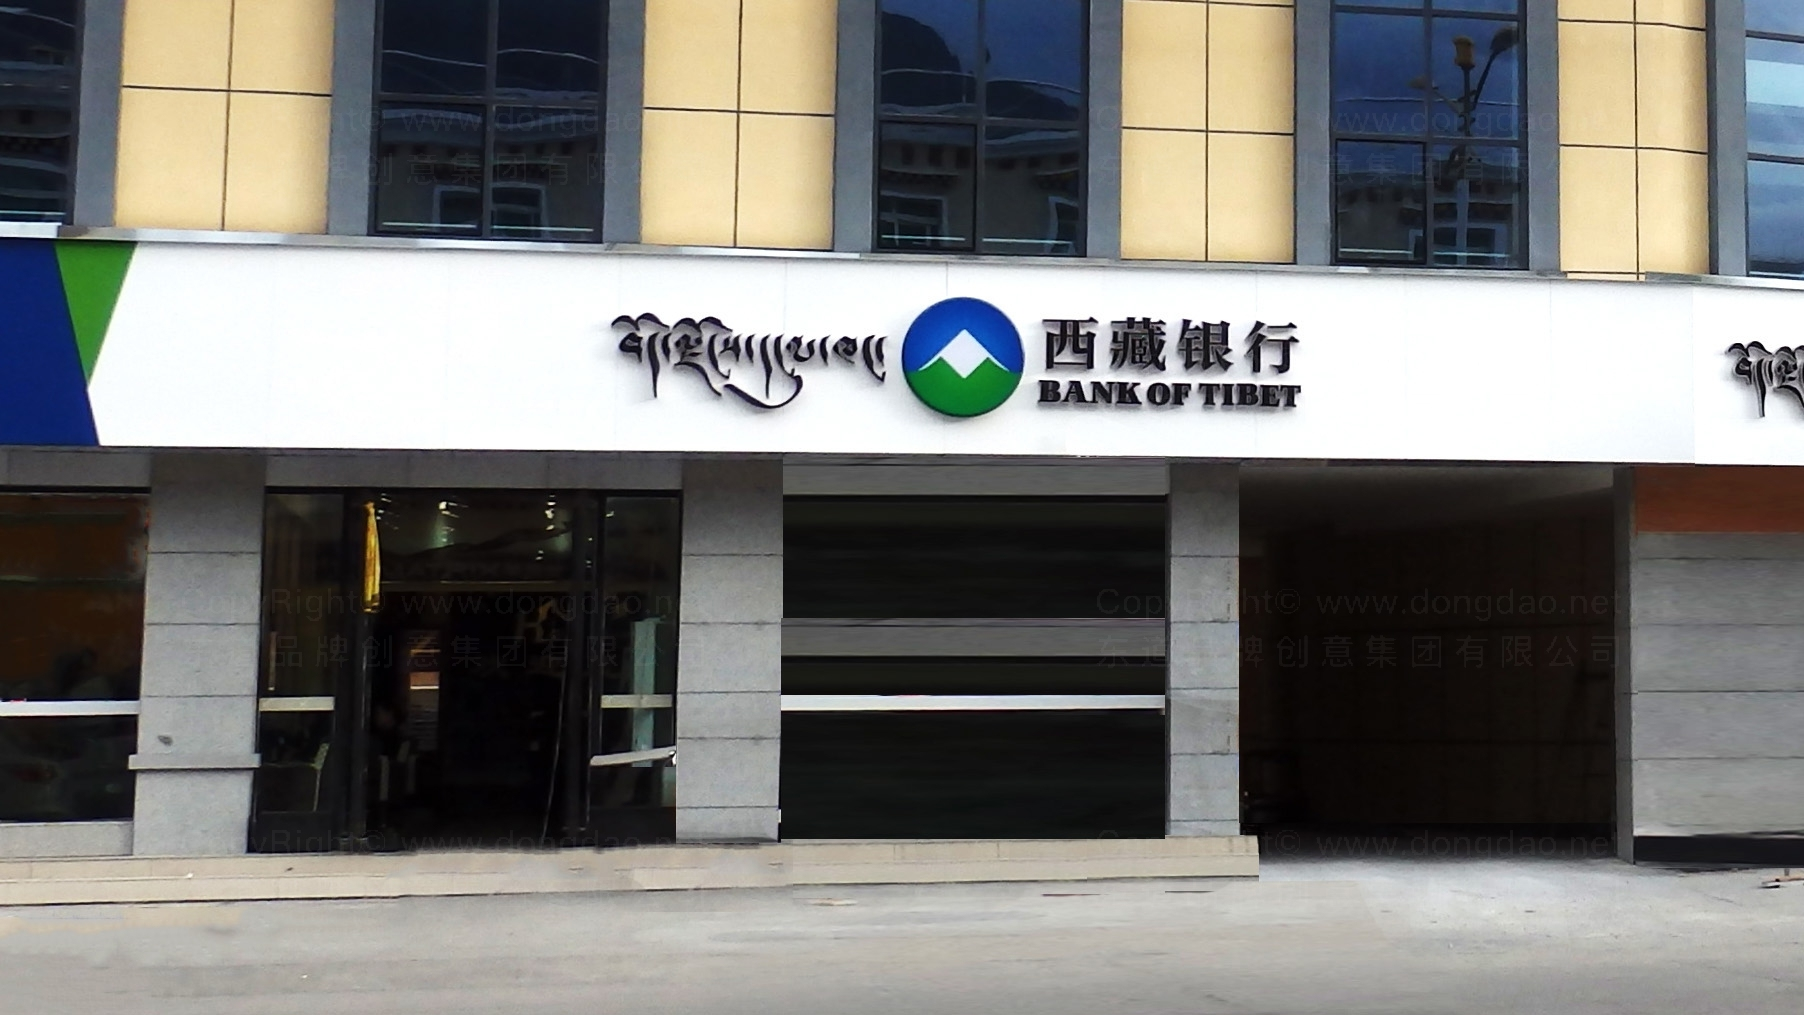 落地工程西藏银行装饰工程标识制作应用场景_1